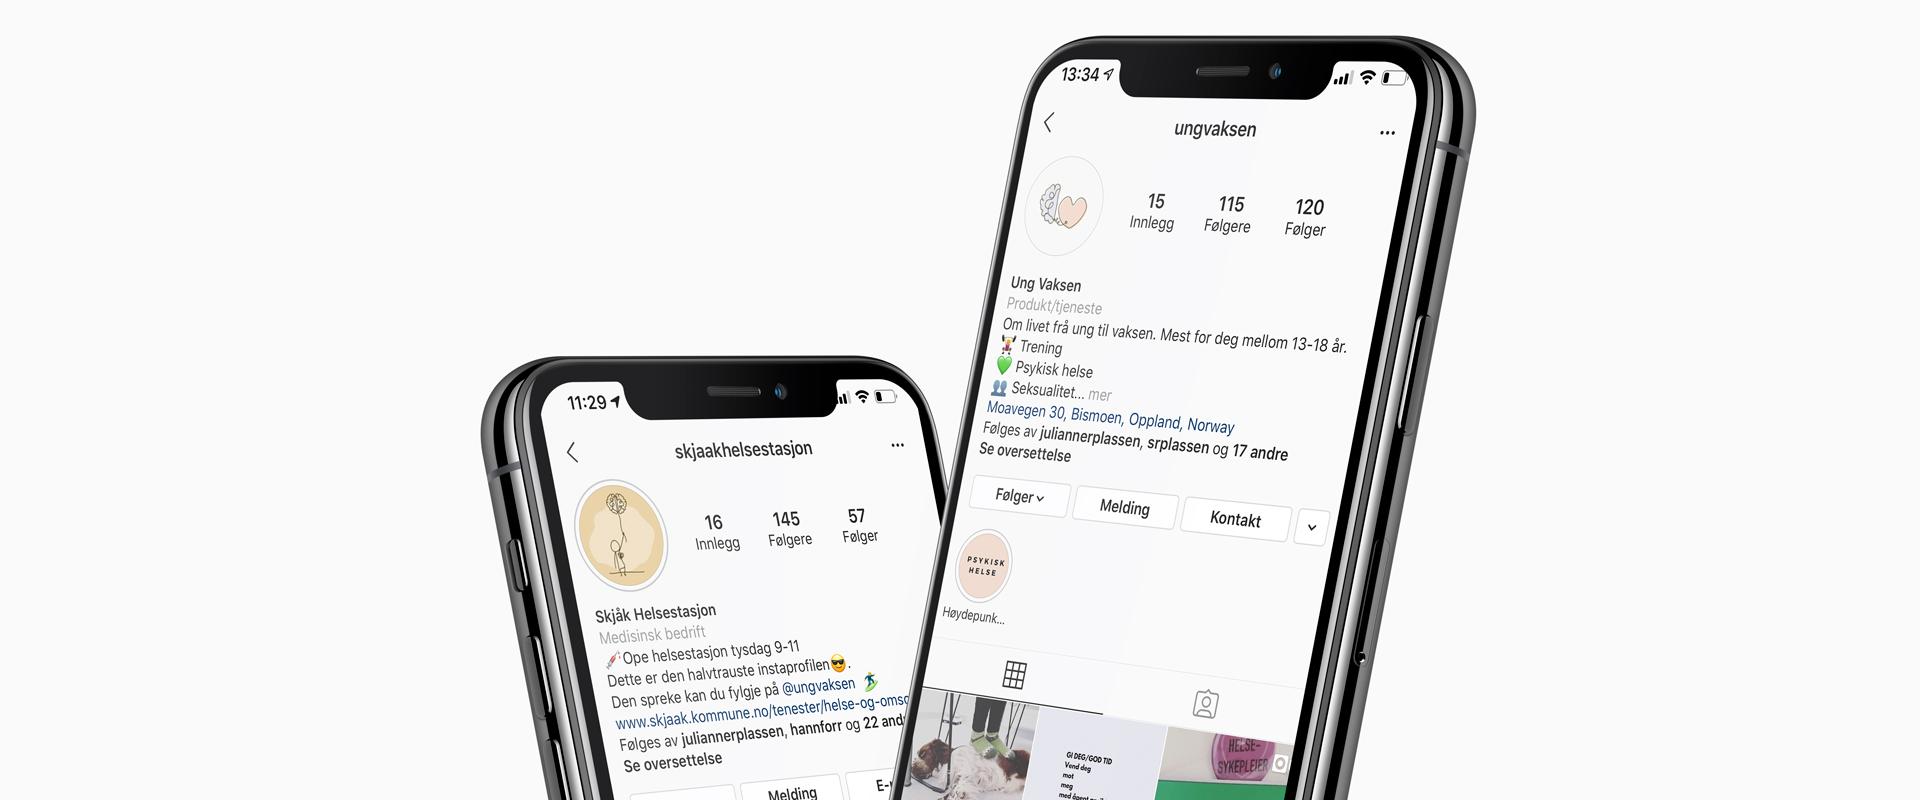 Instagramkampanje for Skjåk helsestasjon